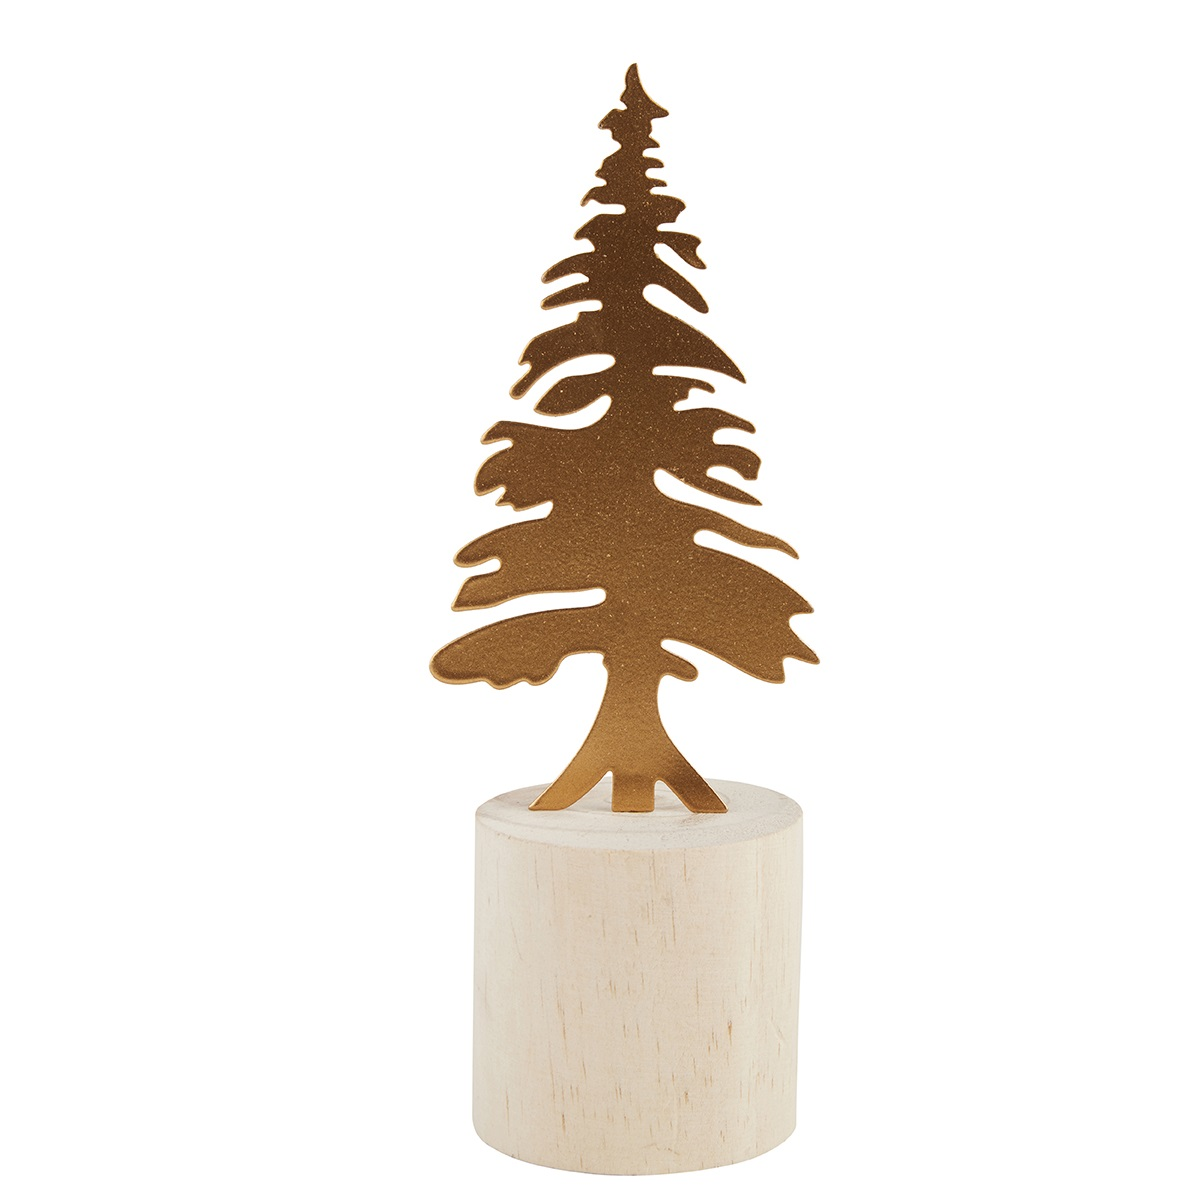 Jalallinen joulupuu - 2 kpl